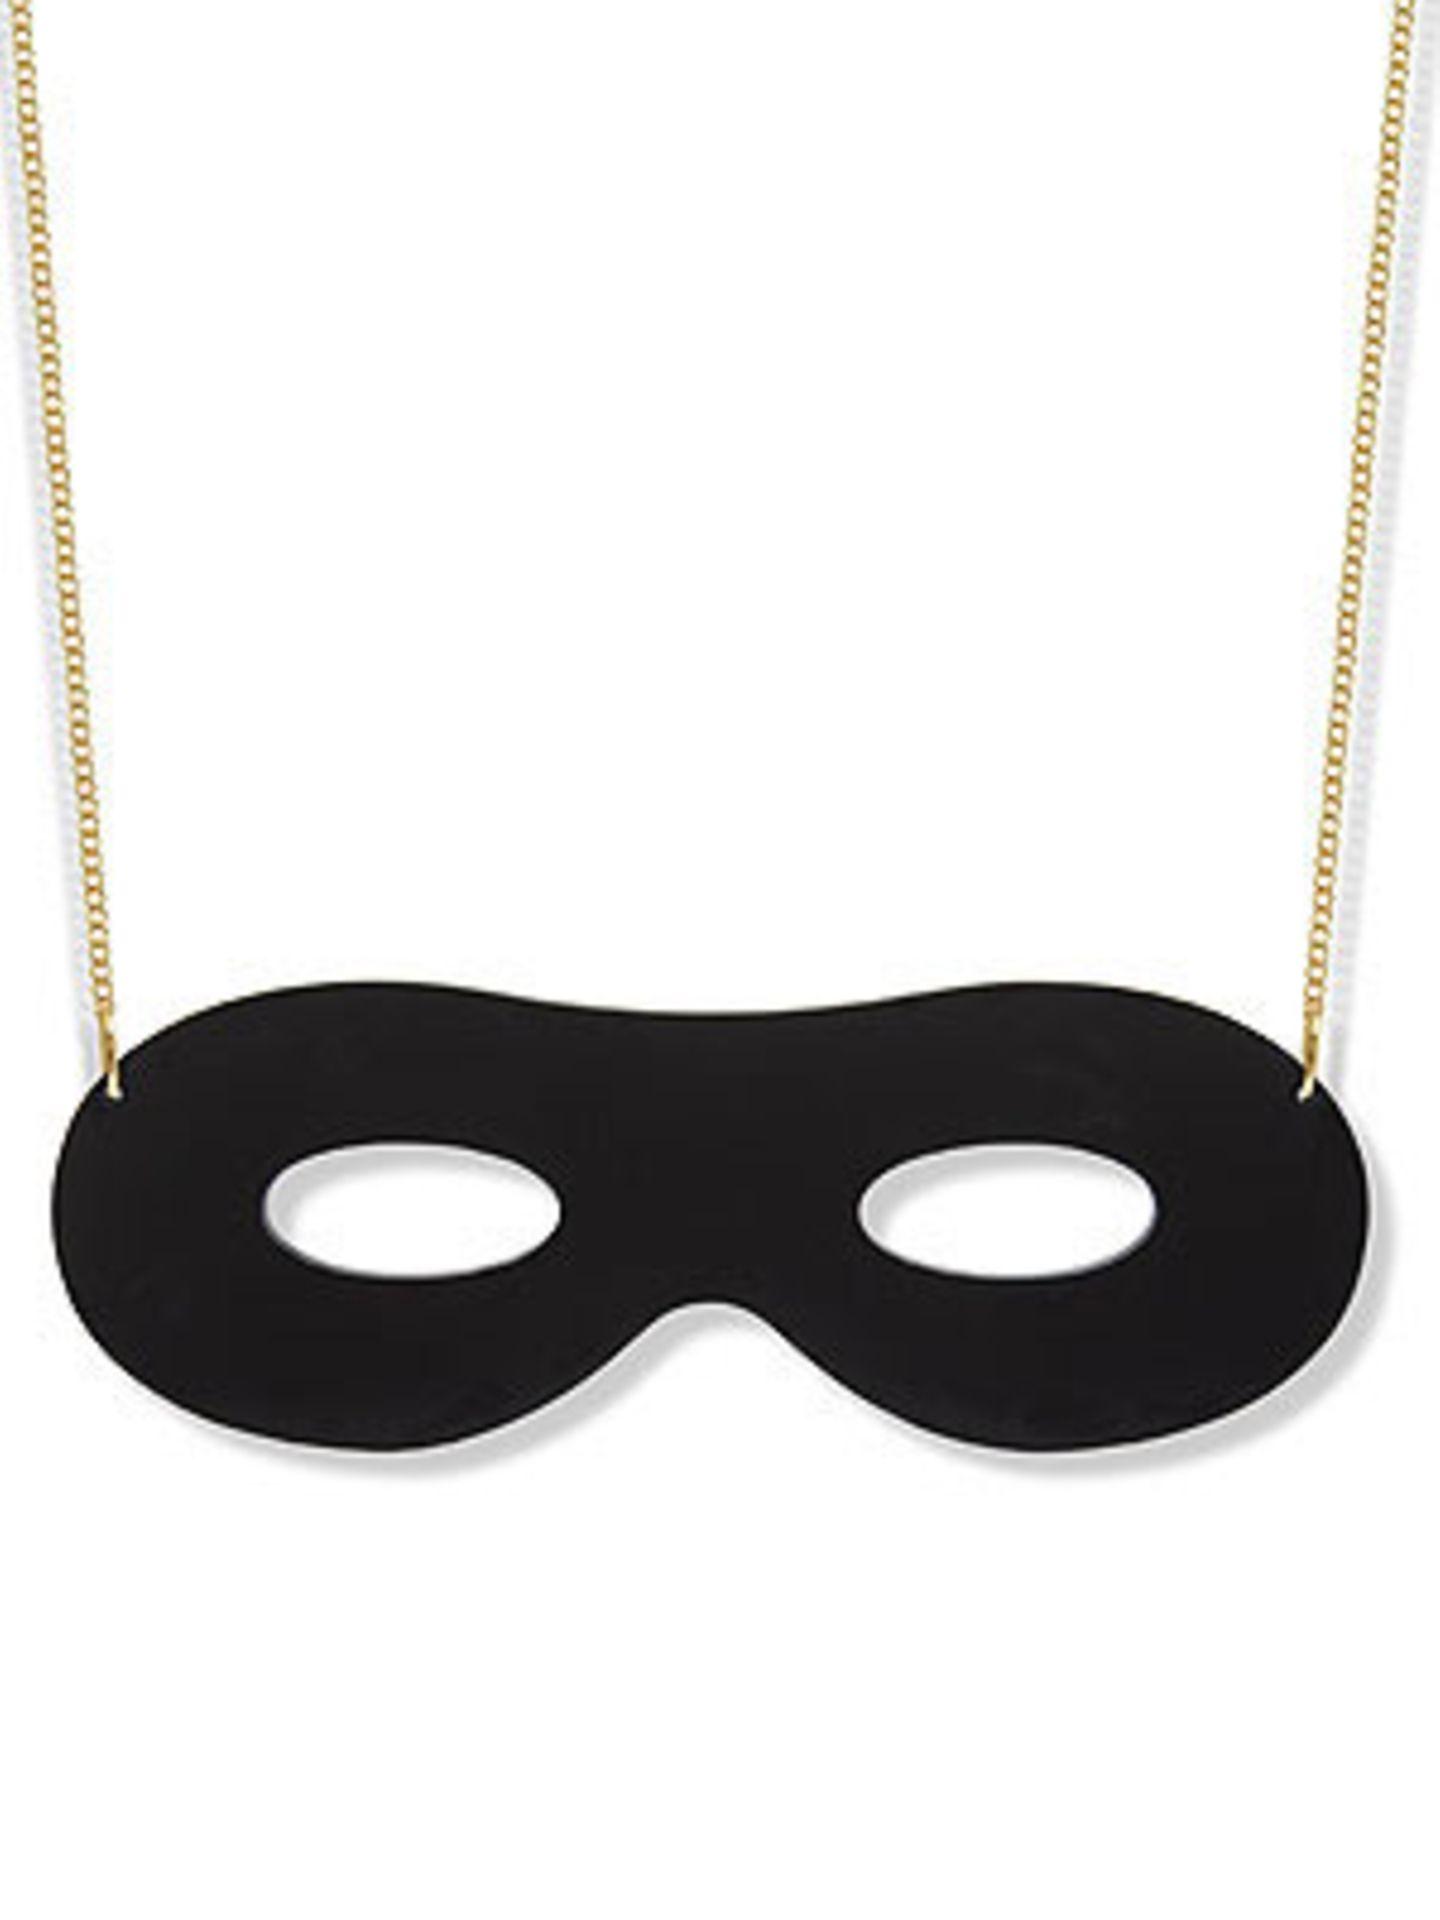 Nicht nur für den nächsten Maskenball geeignet ist diese goldene Kette von www.ladyluckrulesok.com, um 10 Euro.